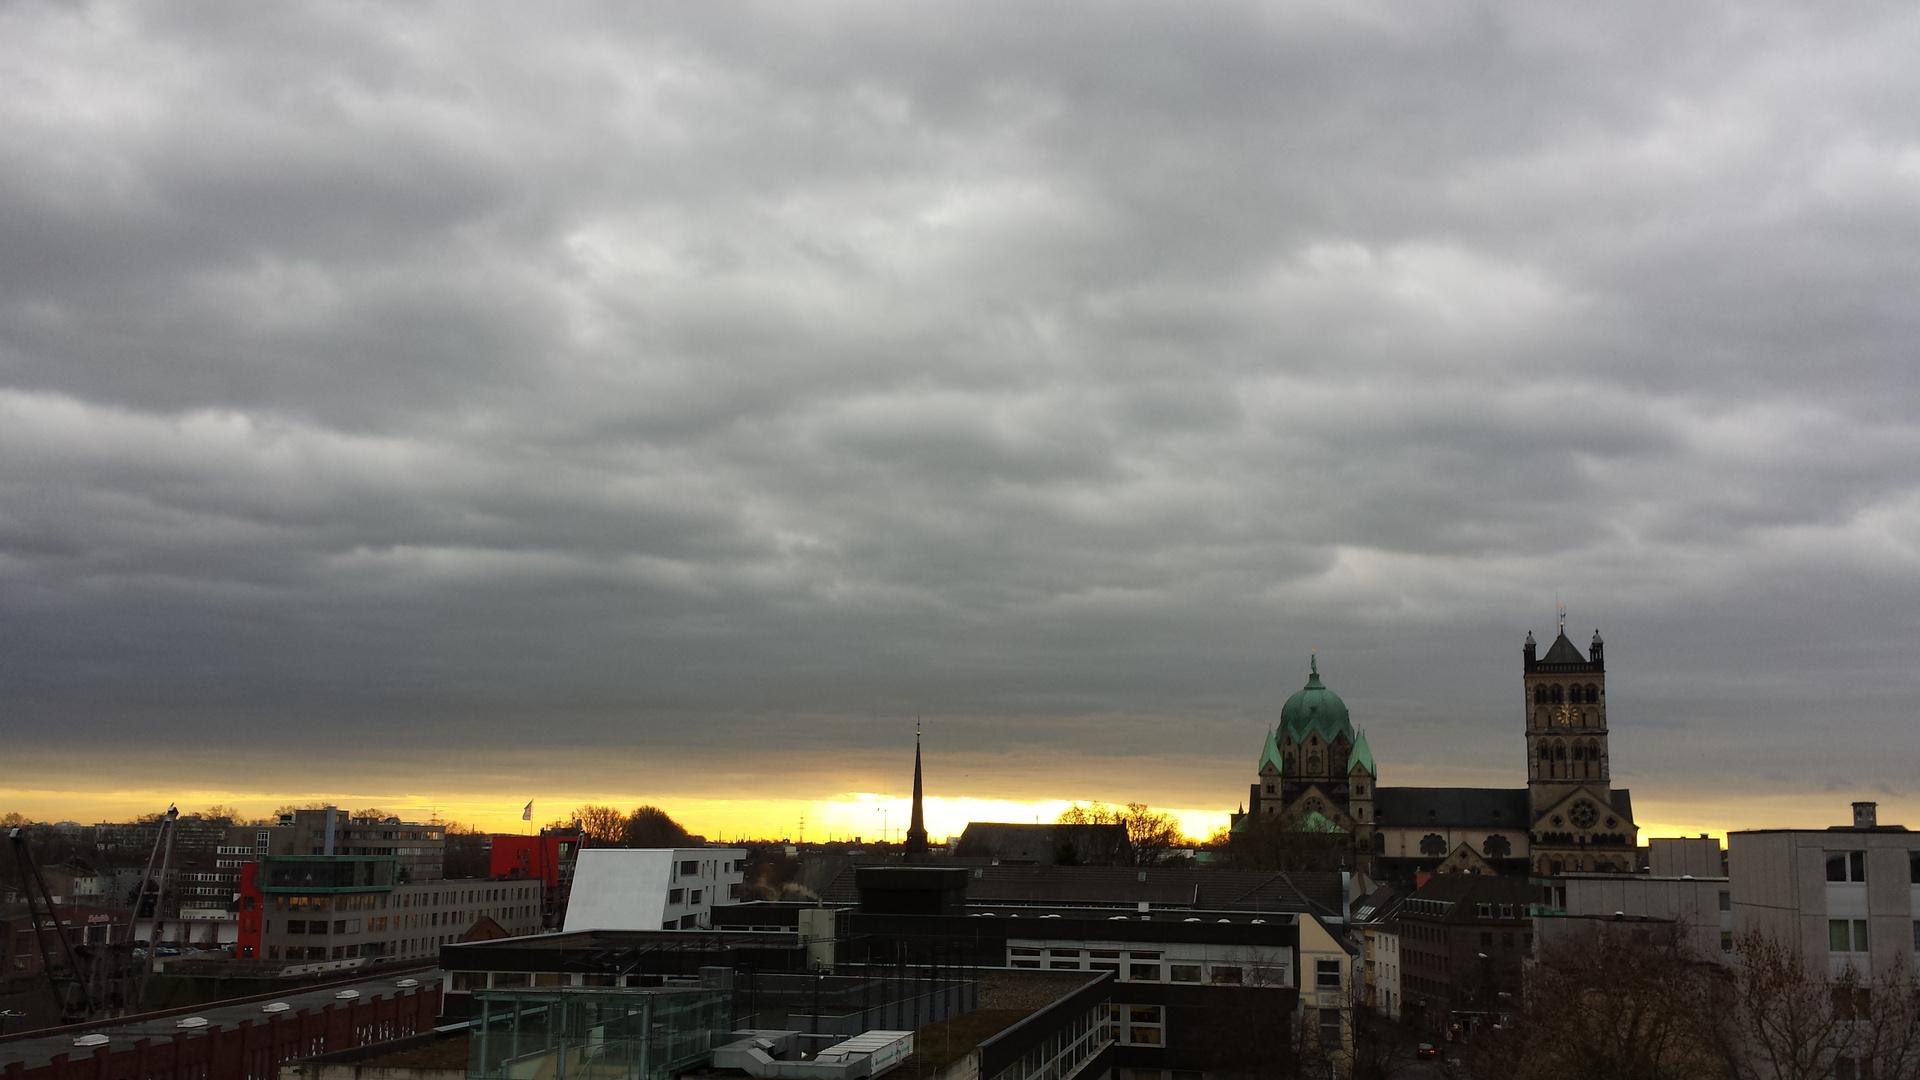 Grauer Himmel über Neuss / grey skies over Neuss